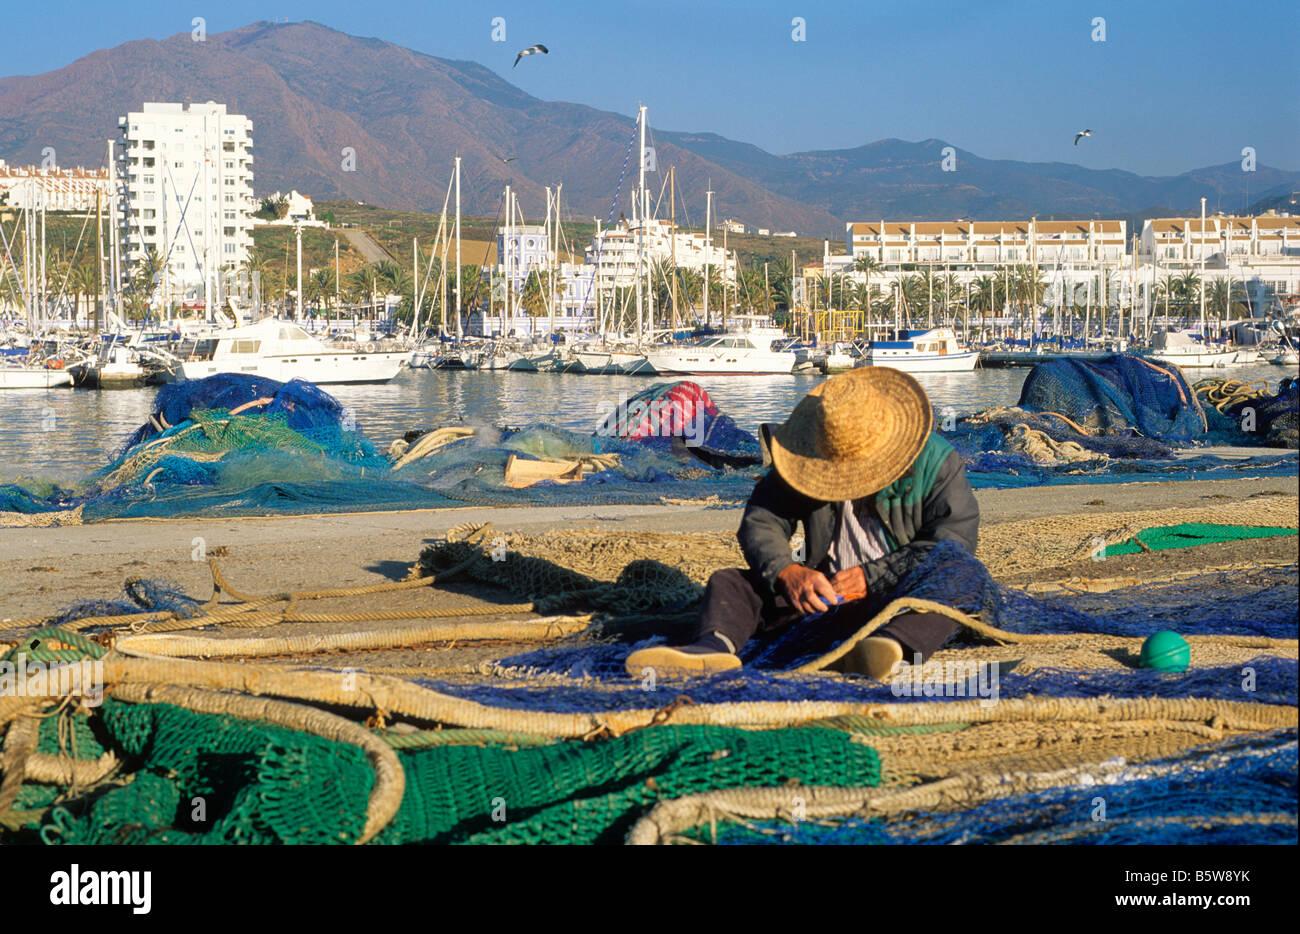 Porto di Estepona, fisherman reti Marina Costa del Sol tavel in Spagna Mare Mediterraneo. Immagini Stock